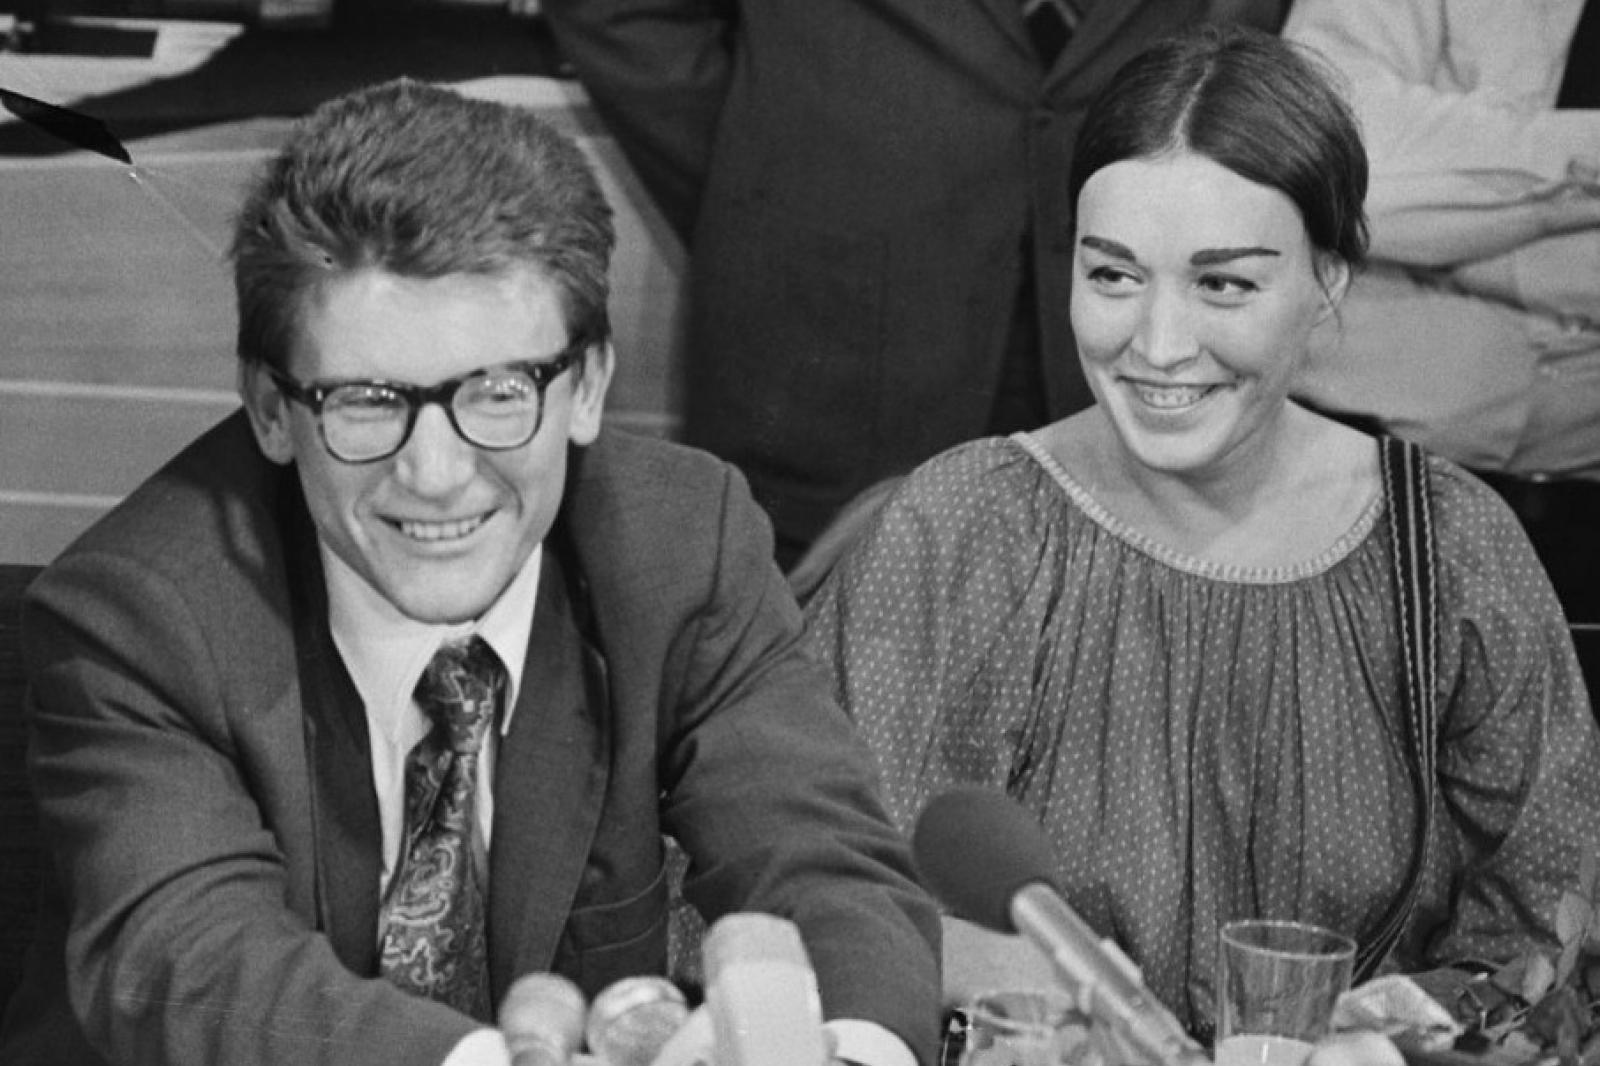 Amalrik con su esposa, la artista Gyuzel Makudinova, en una conferencia de prensa en Holanda, 1976